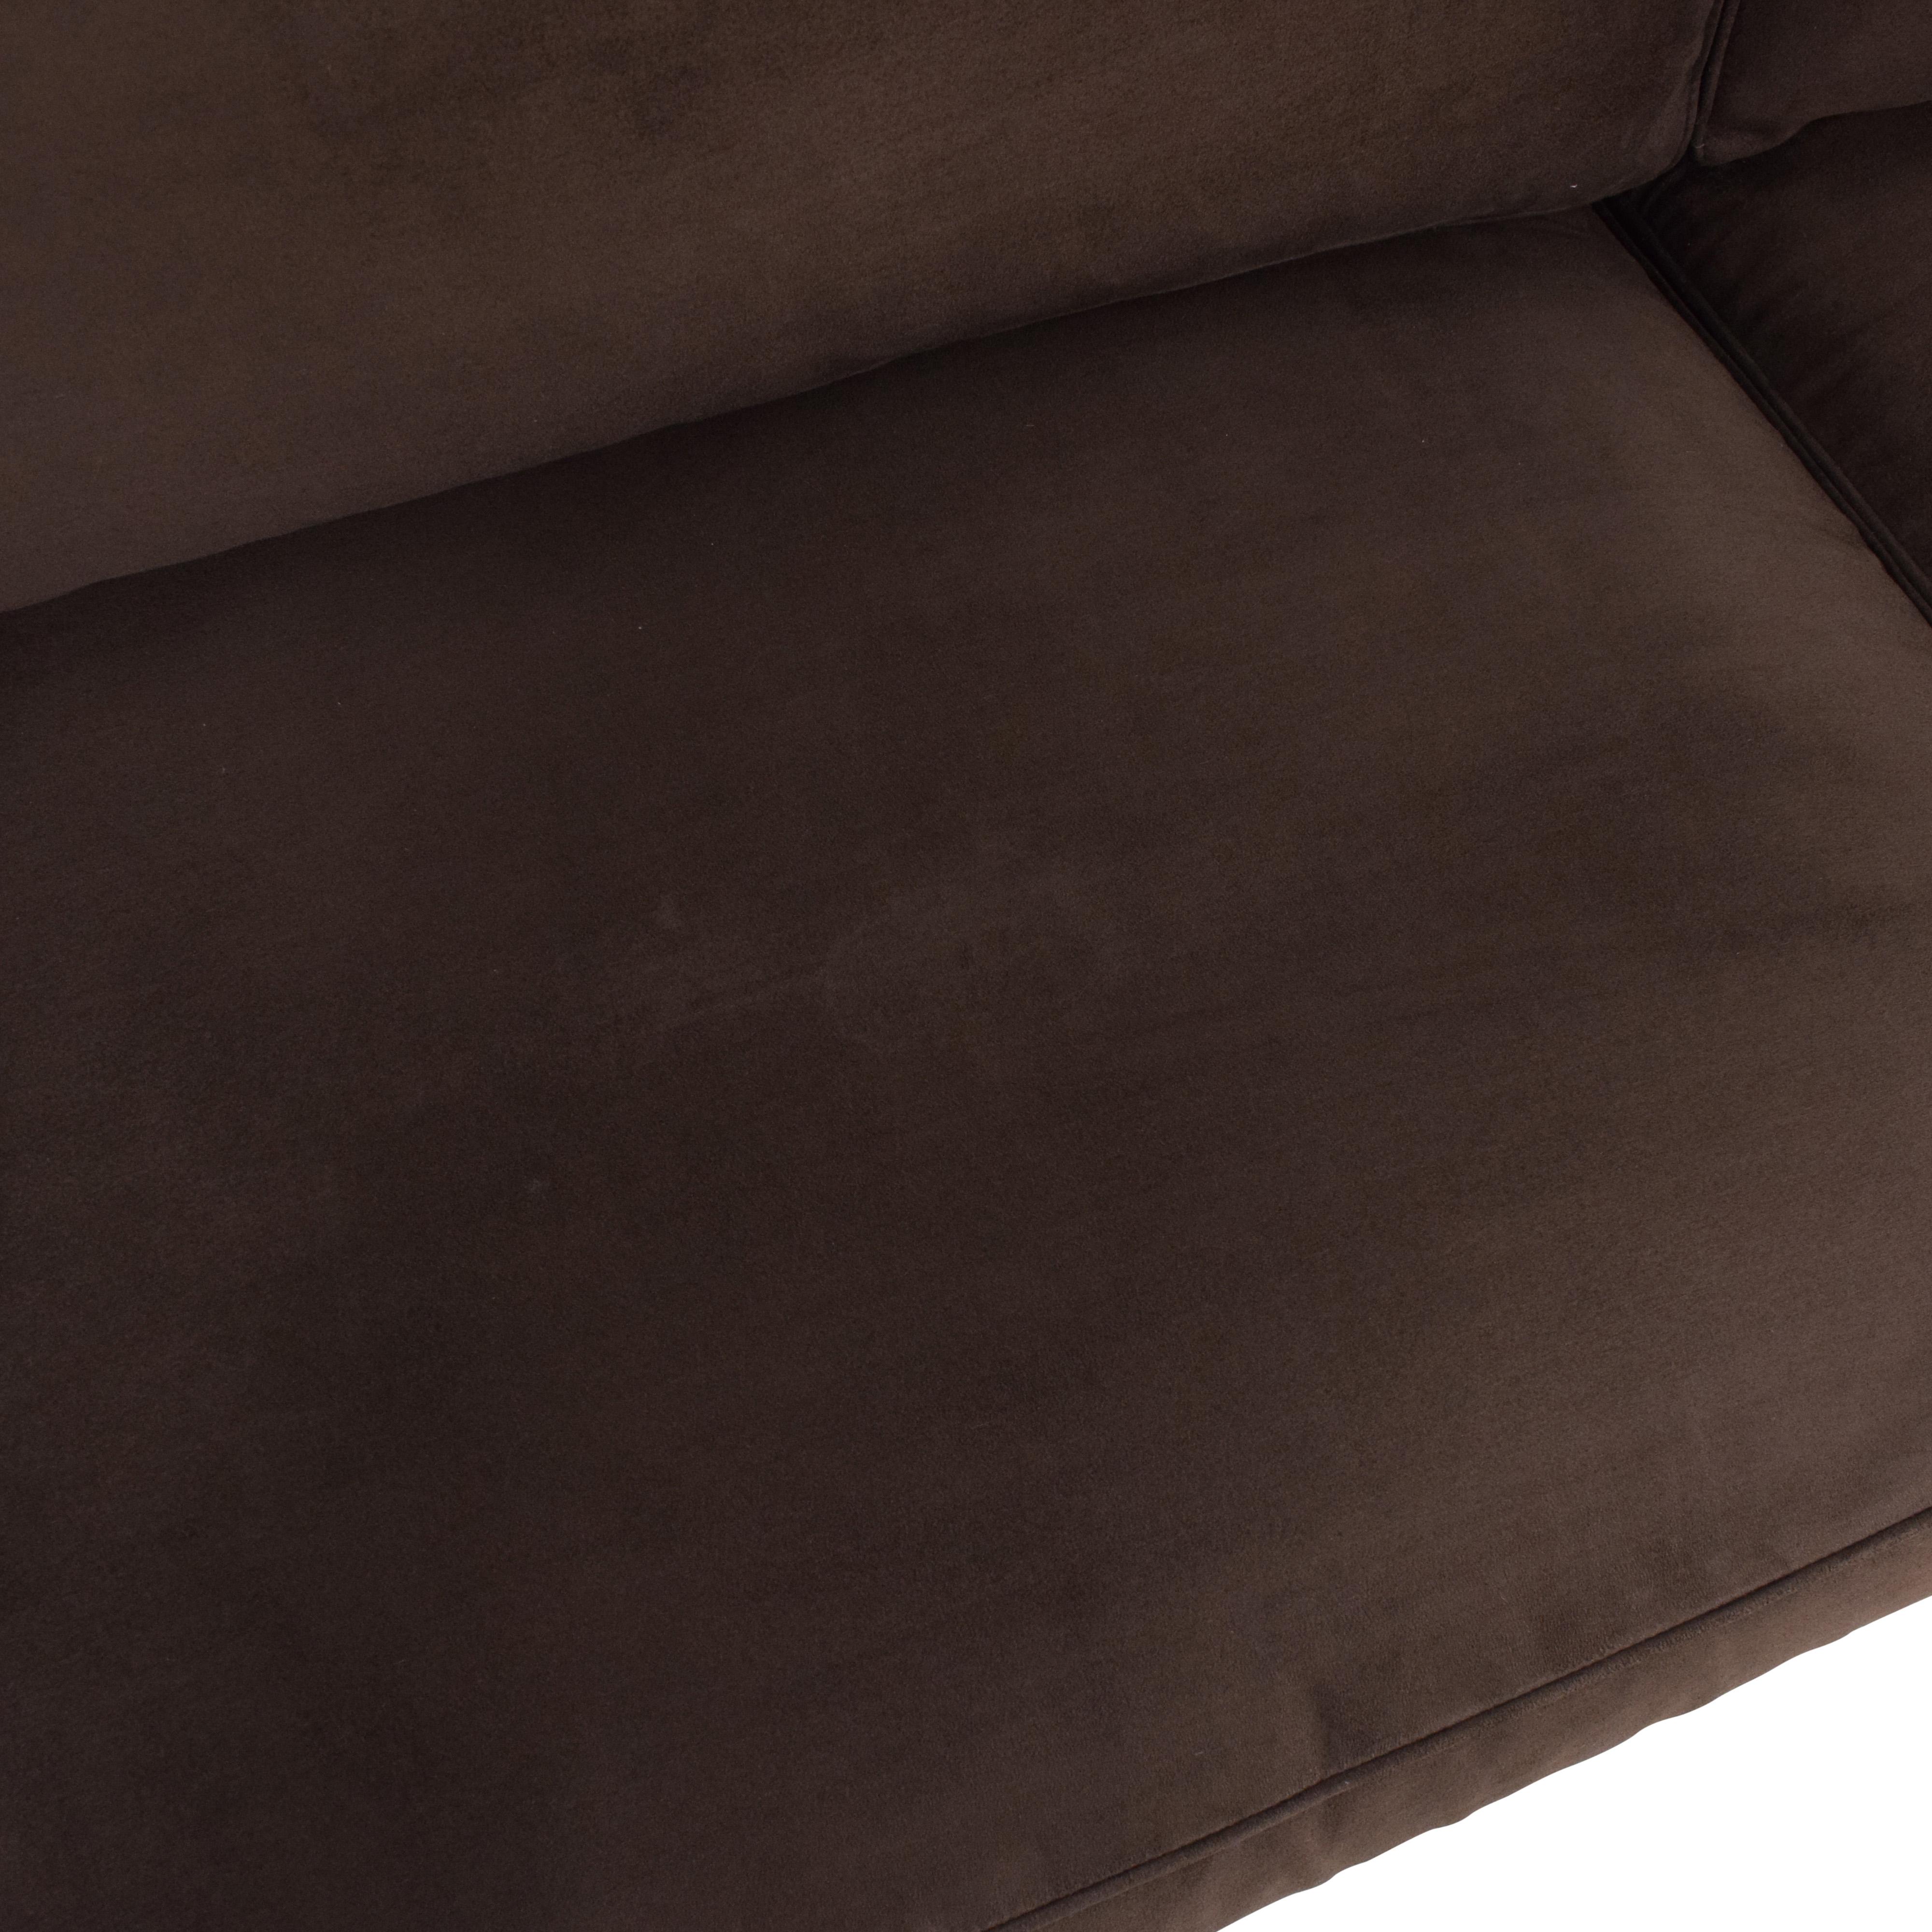 Crate & Barrel Crate & Barrel Barrett Queen Sleeper Sofa nyc